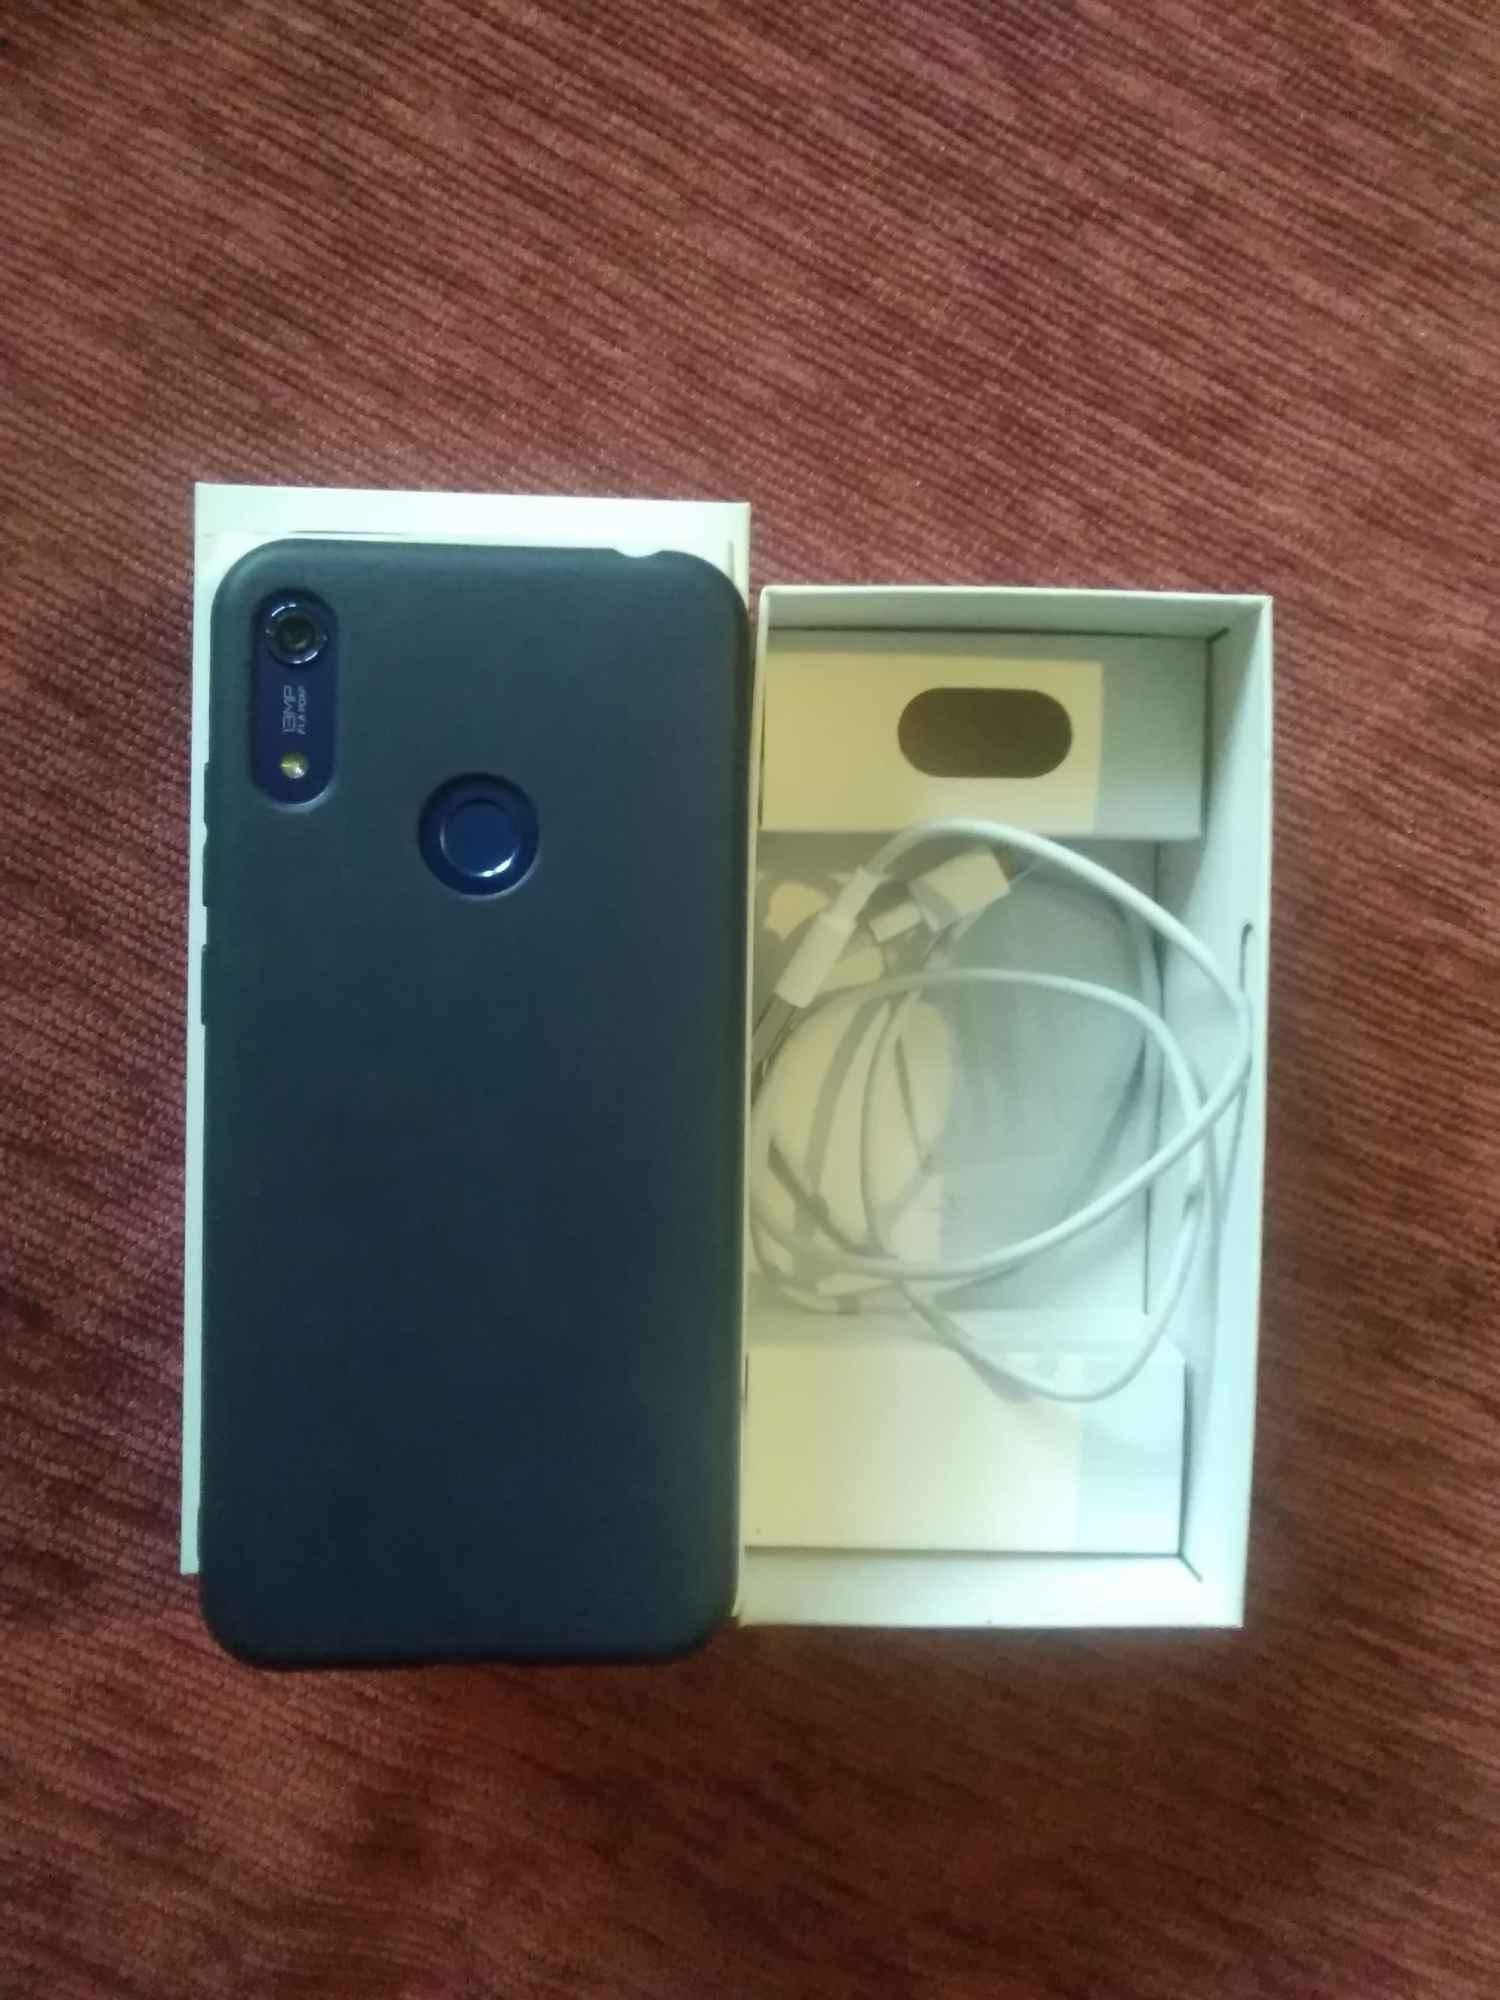 Spszedam Huawei y6s używany może miesiąc Łochów - zdjęcie 1